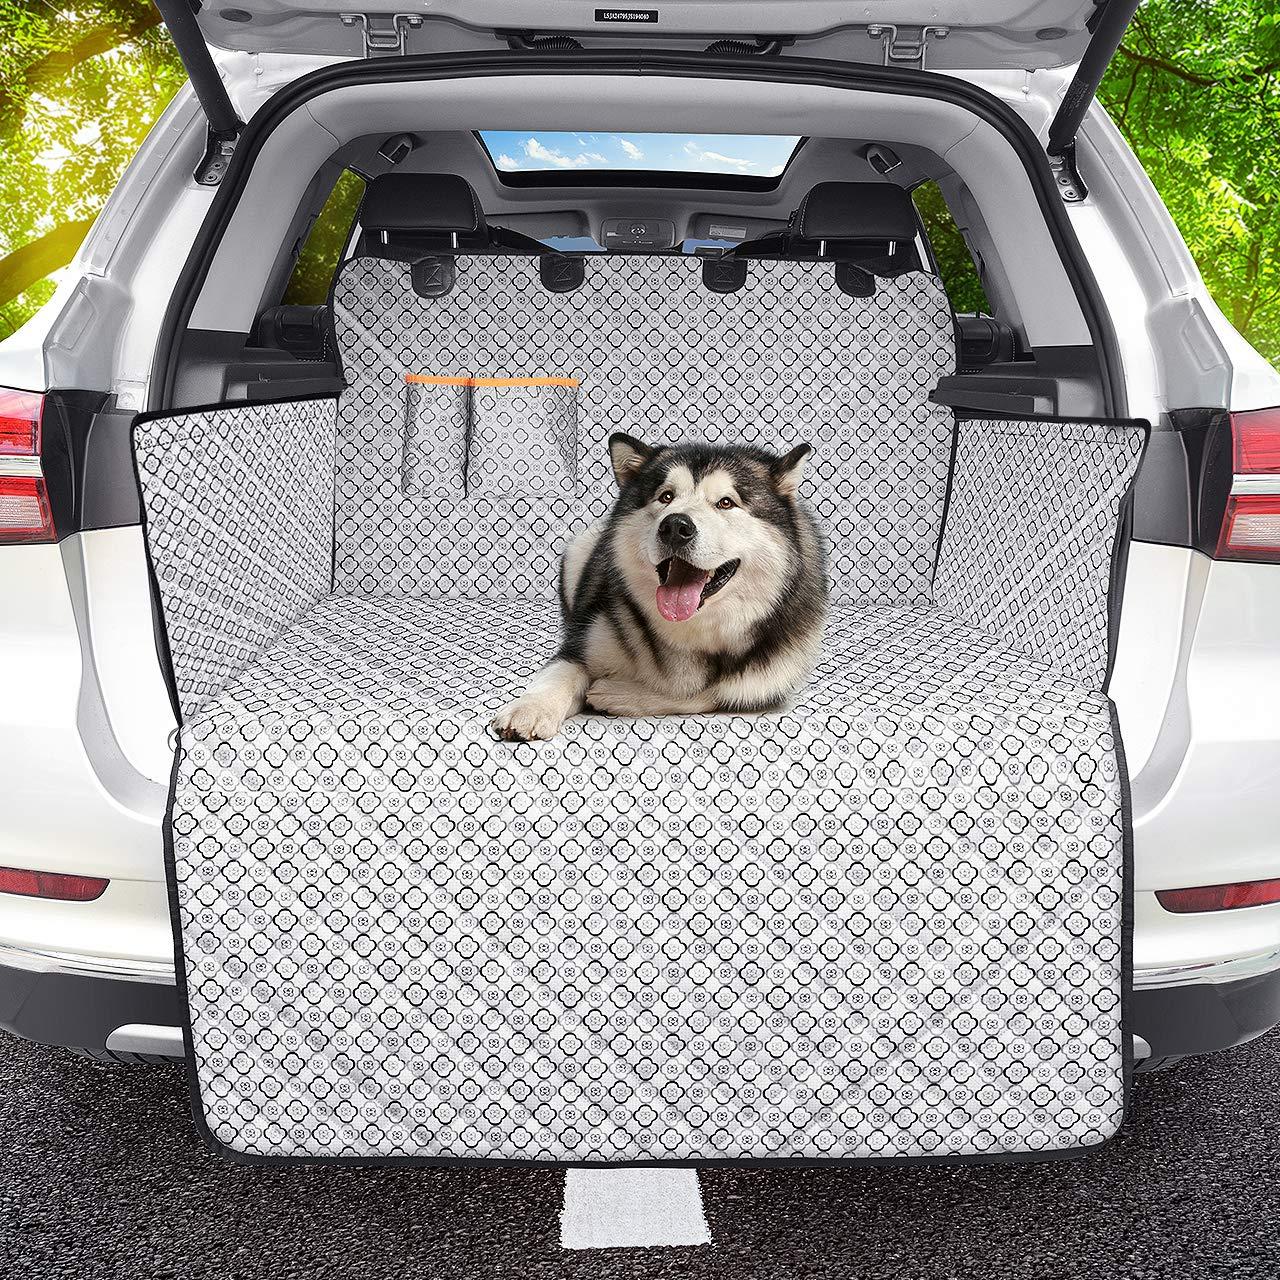 OMORC Kofferraumdecke Hund Auto Wasserdicht und rutschfest,Kofferraumschutz Hund Kofferraummatte Hund